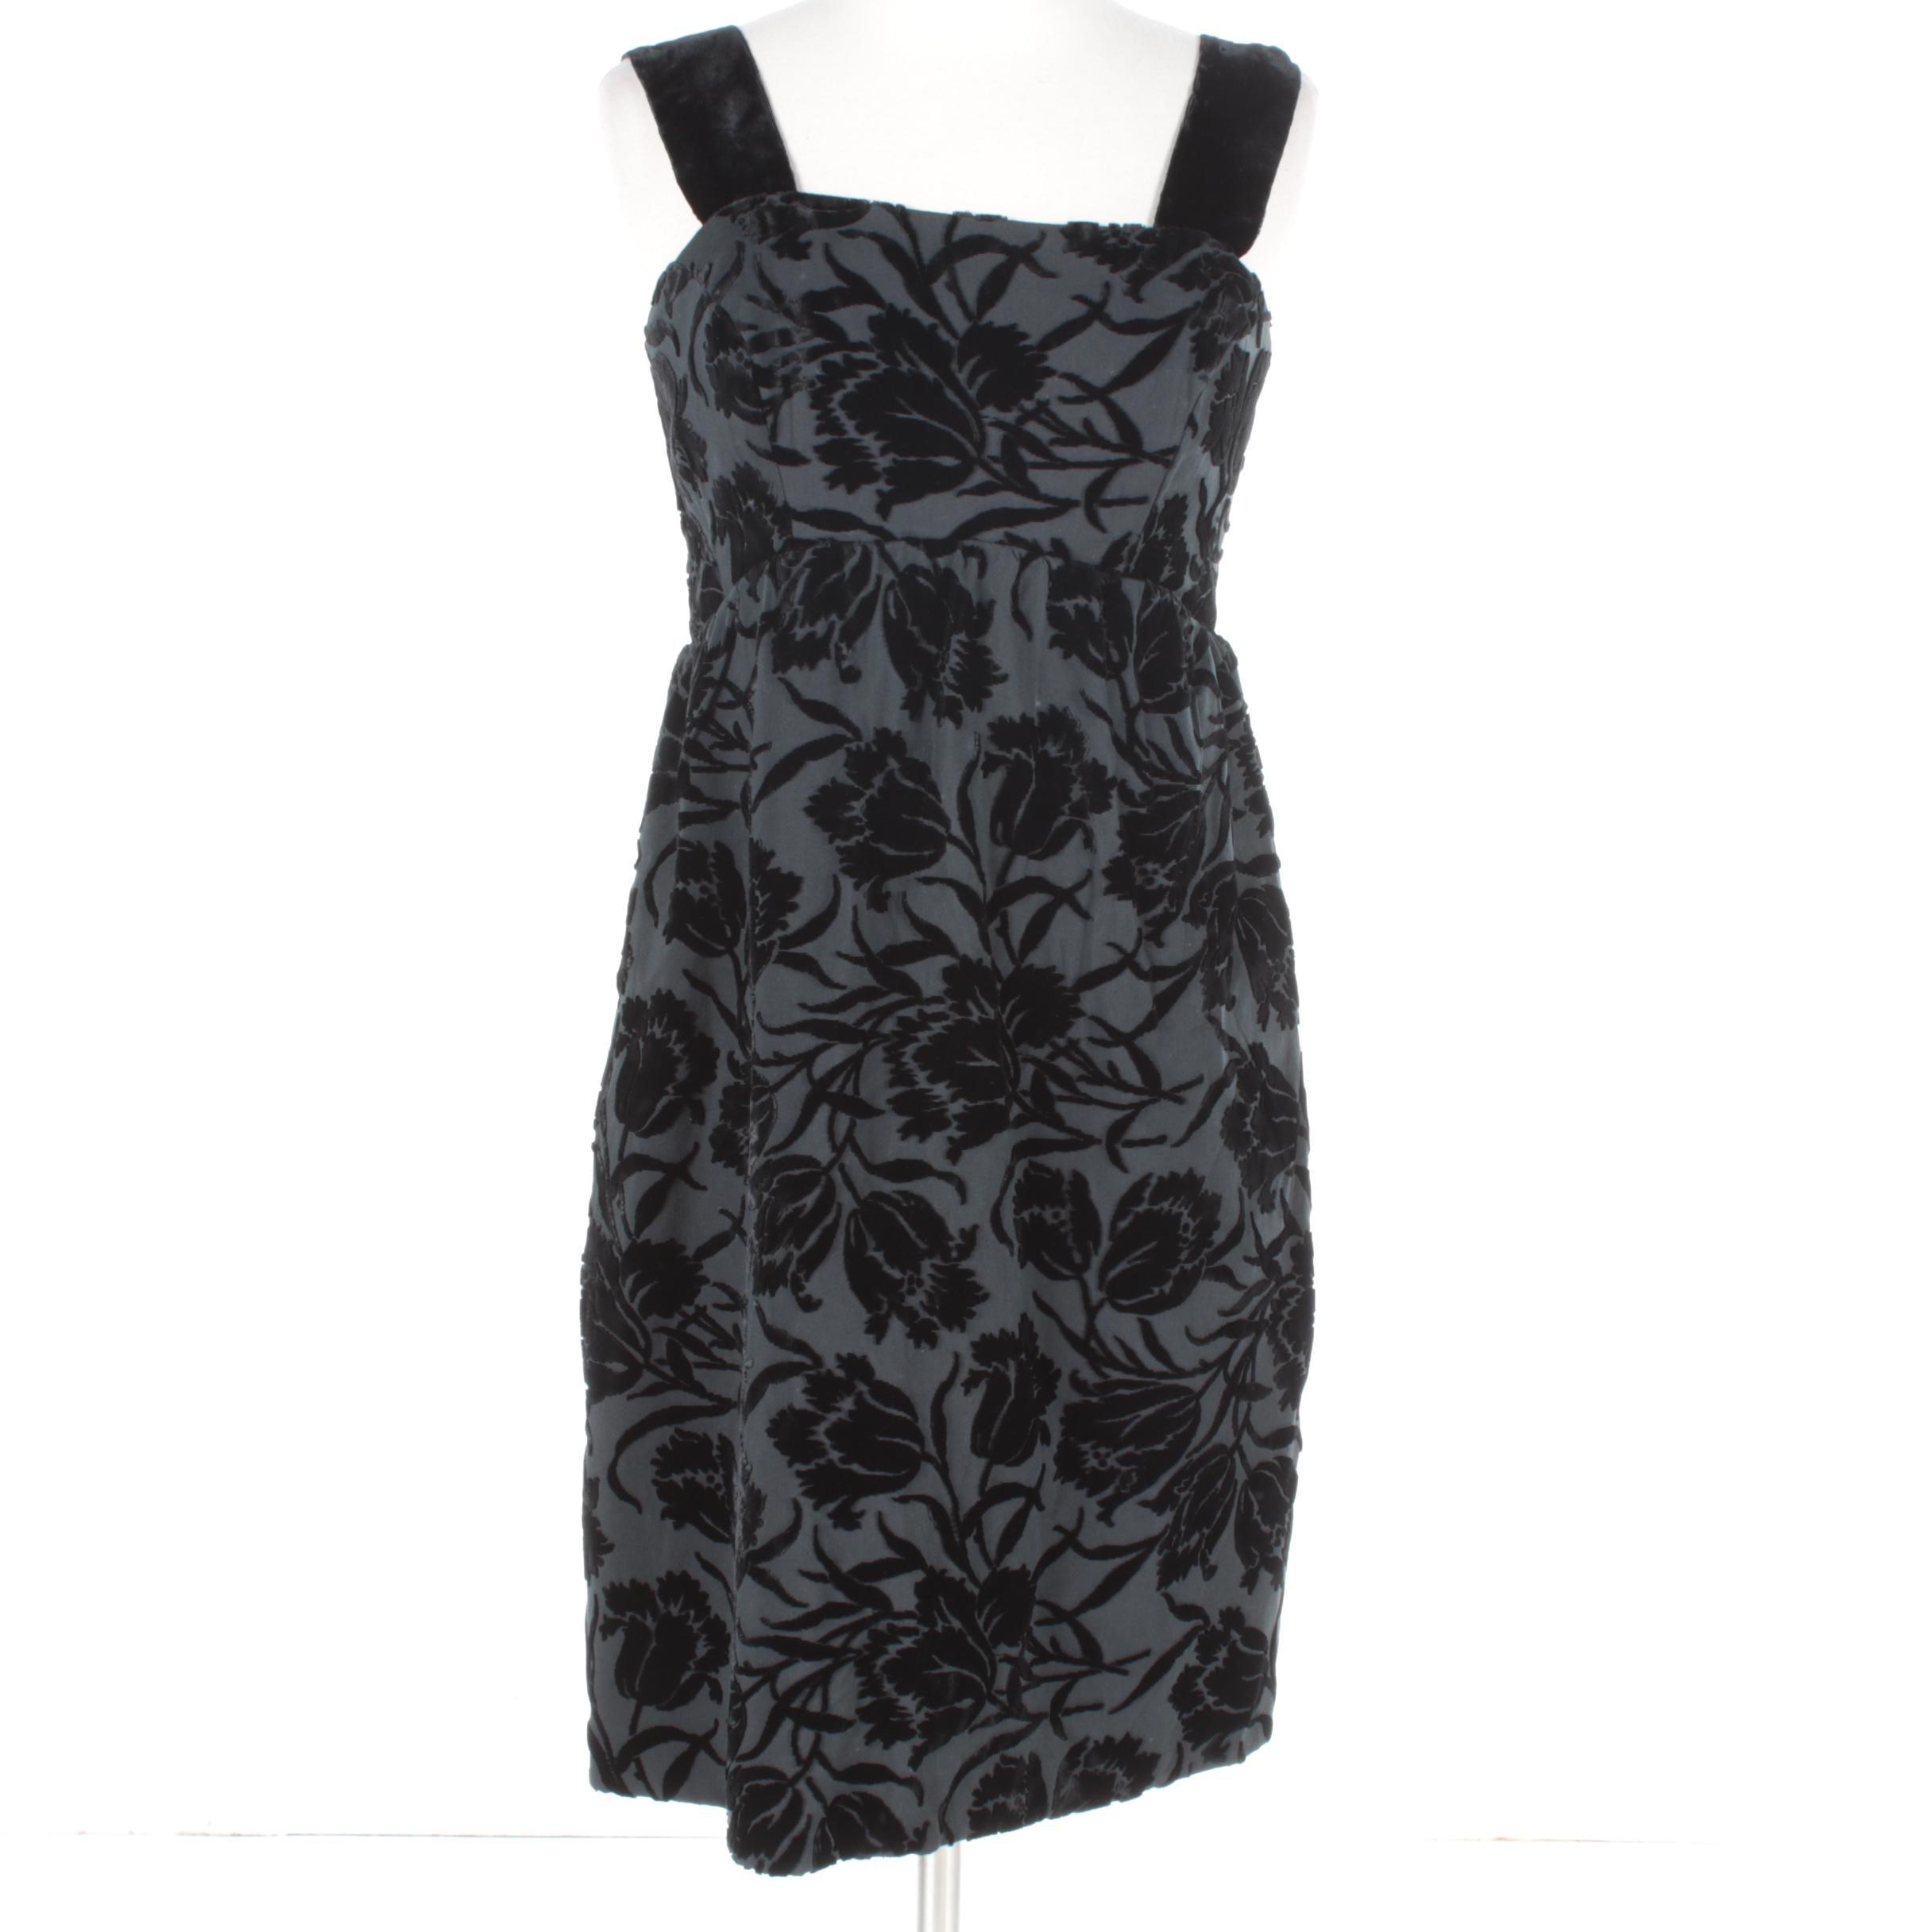 Flocked Floral Black Velvet Sleeveless Cocktail Dress